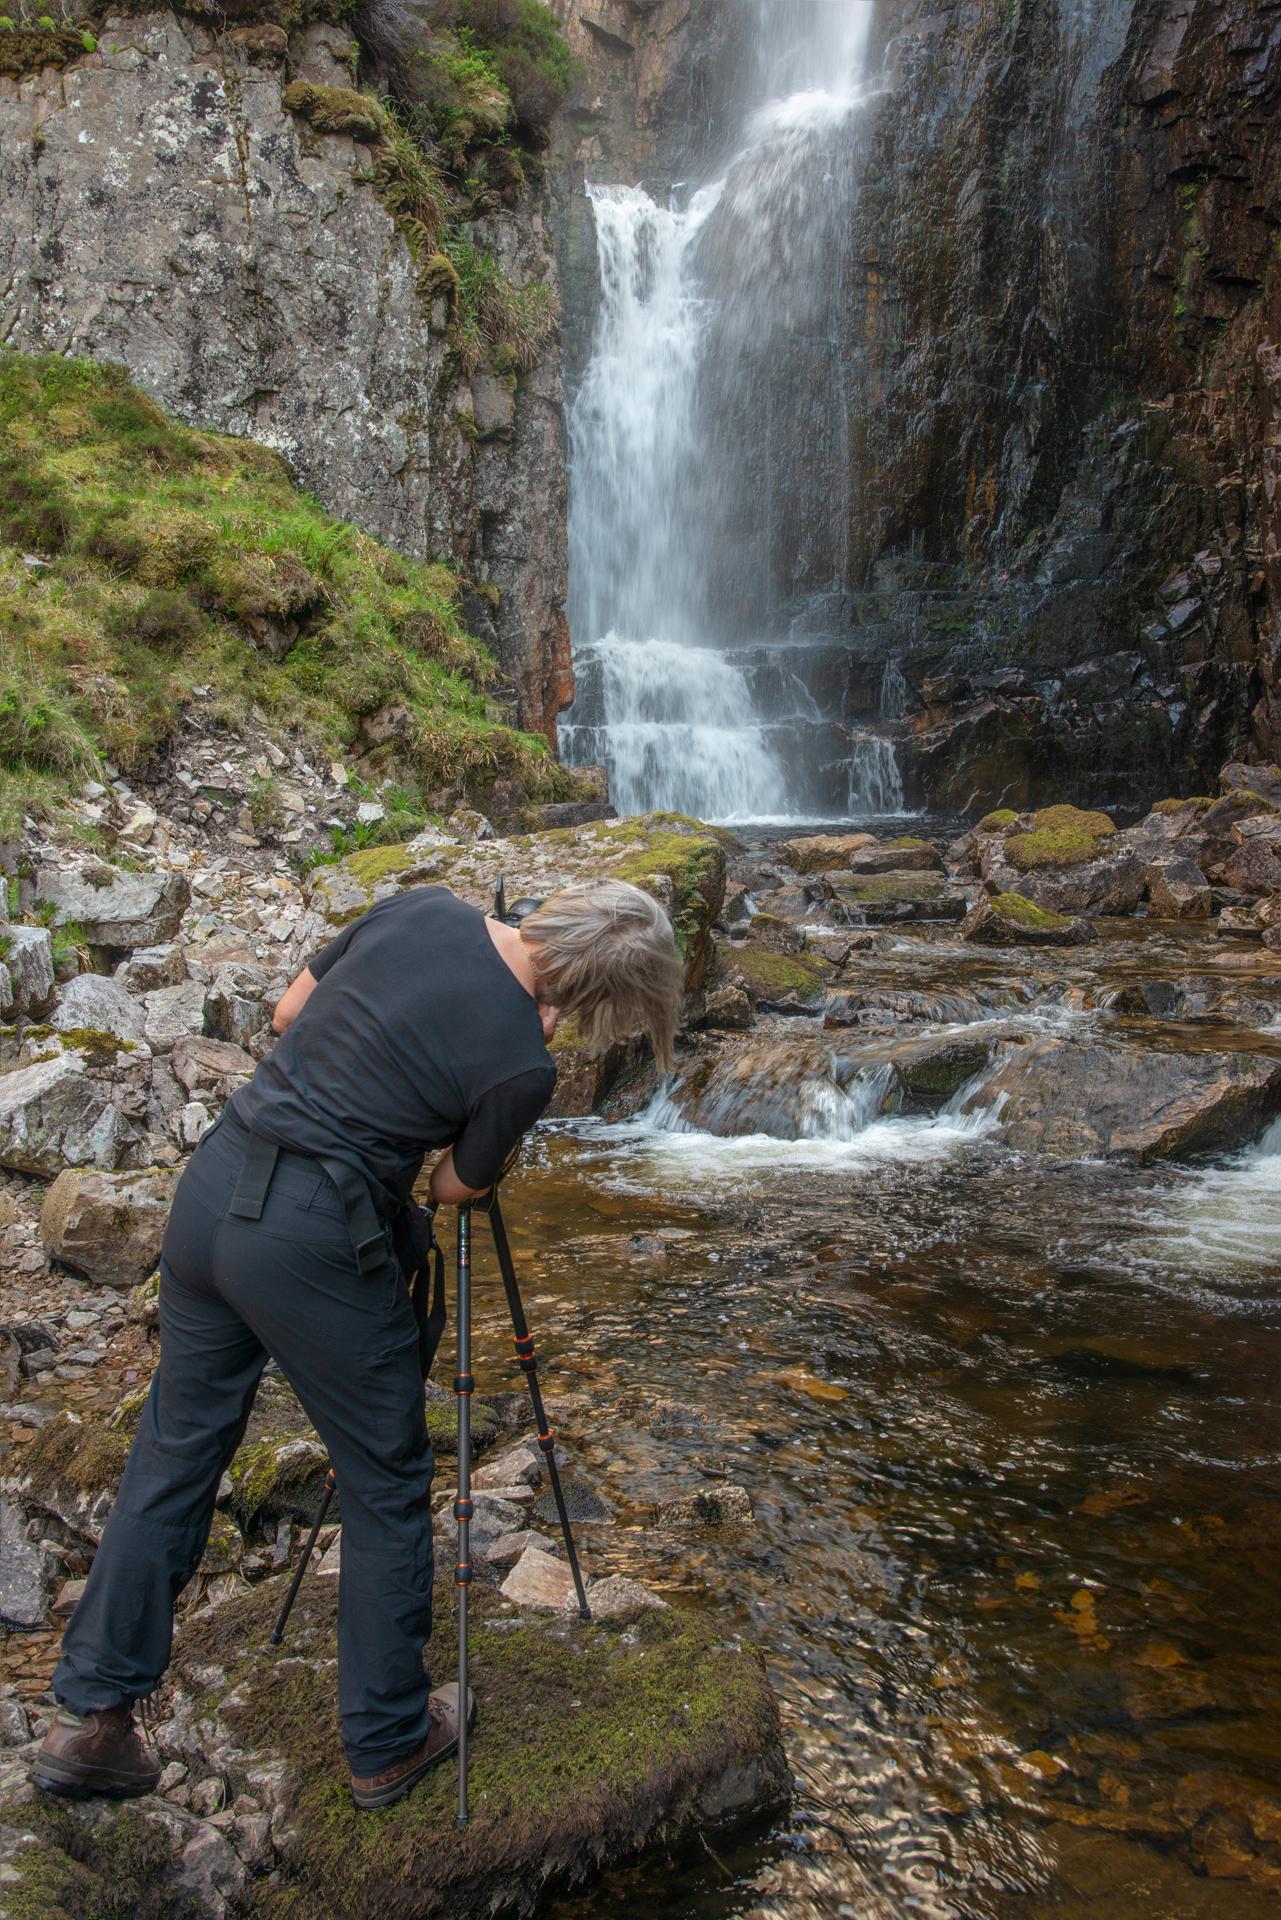 Fotografieren am Wasserfall der klagenden Witwe